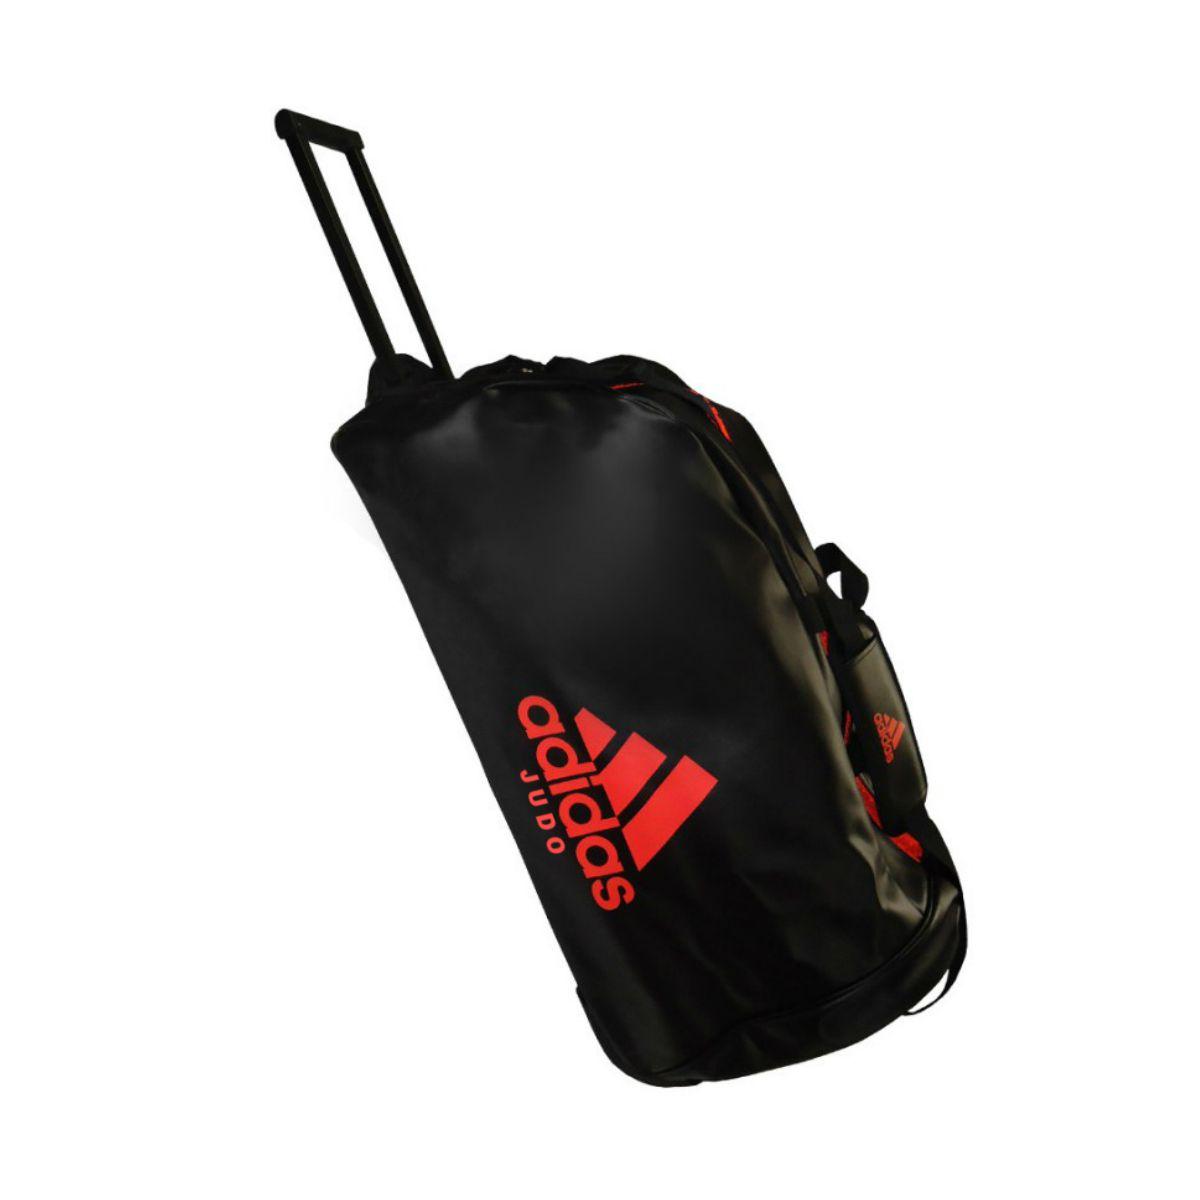 Mala com Rodinhas Adidas Judo Trolley Bag Poliéster Preto/Vermelho